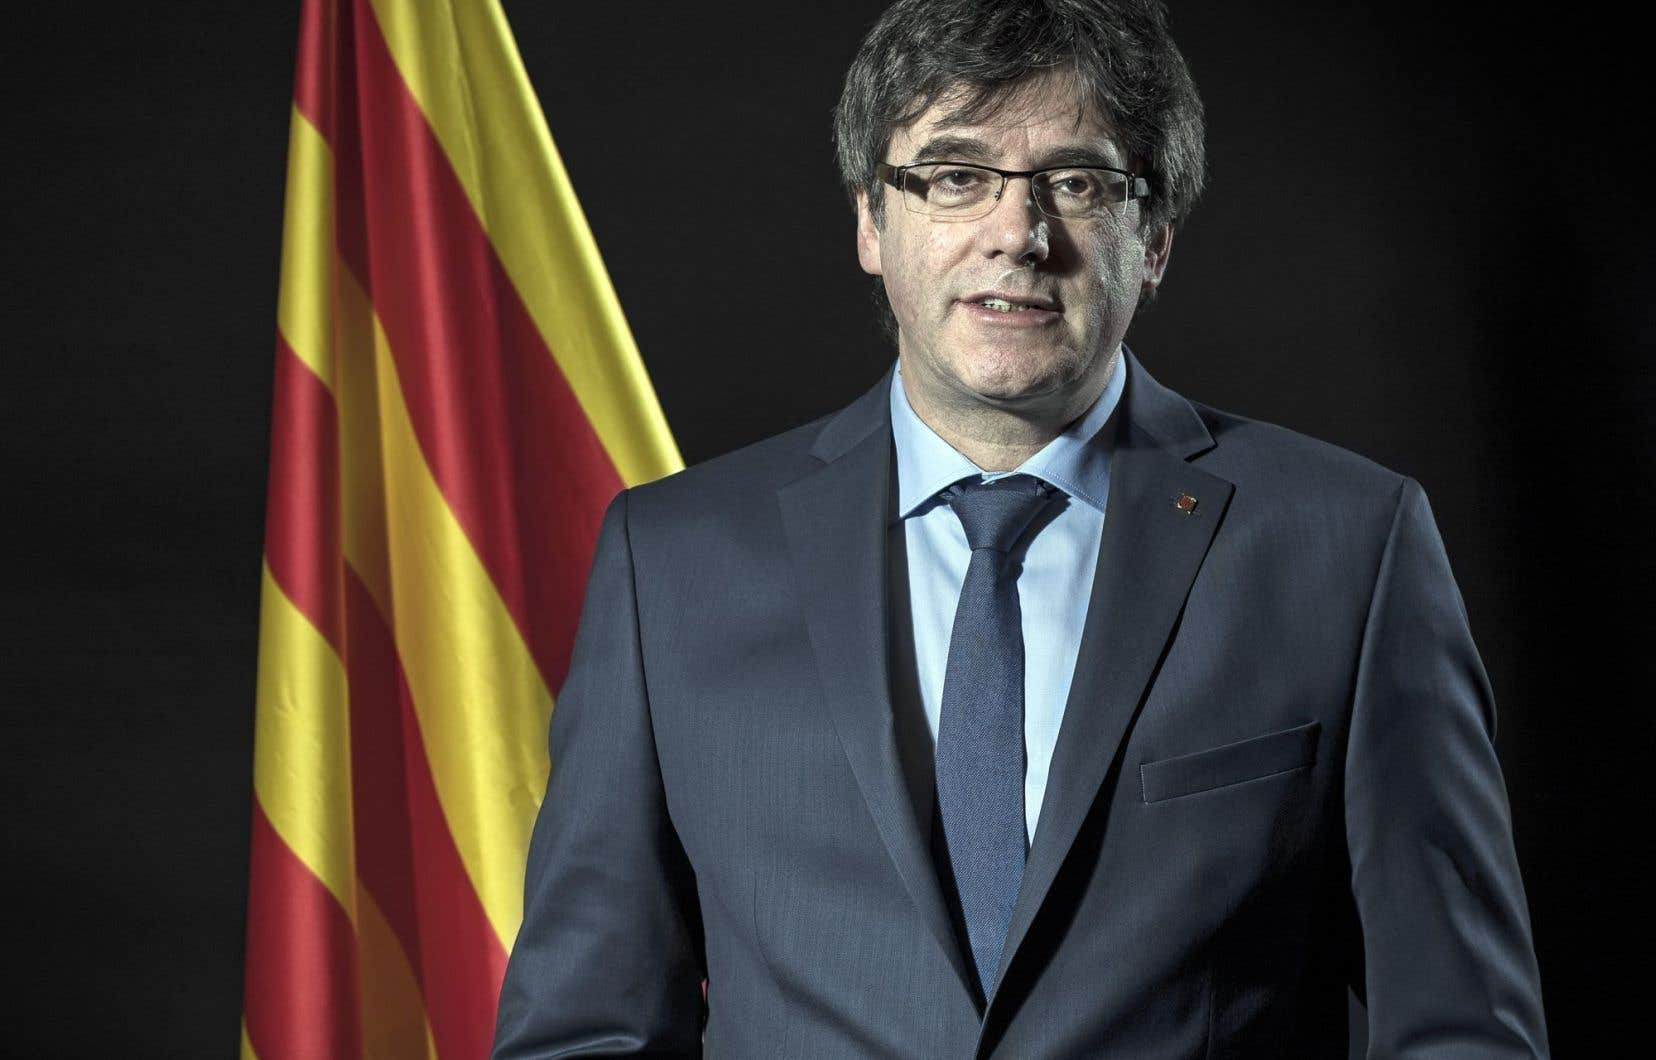 Carles Puigdemont met en demeure Ottawa